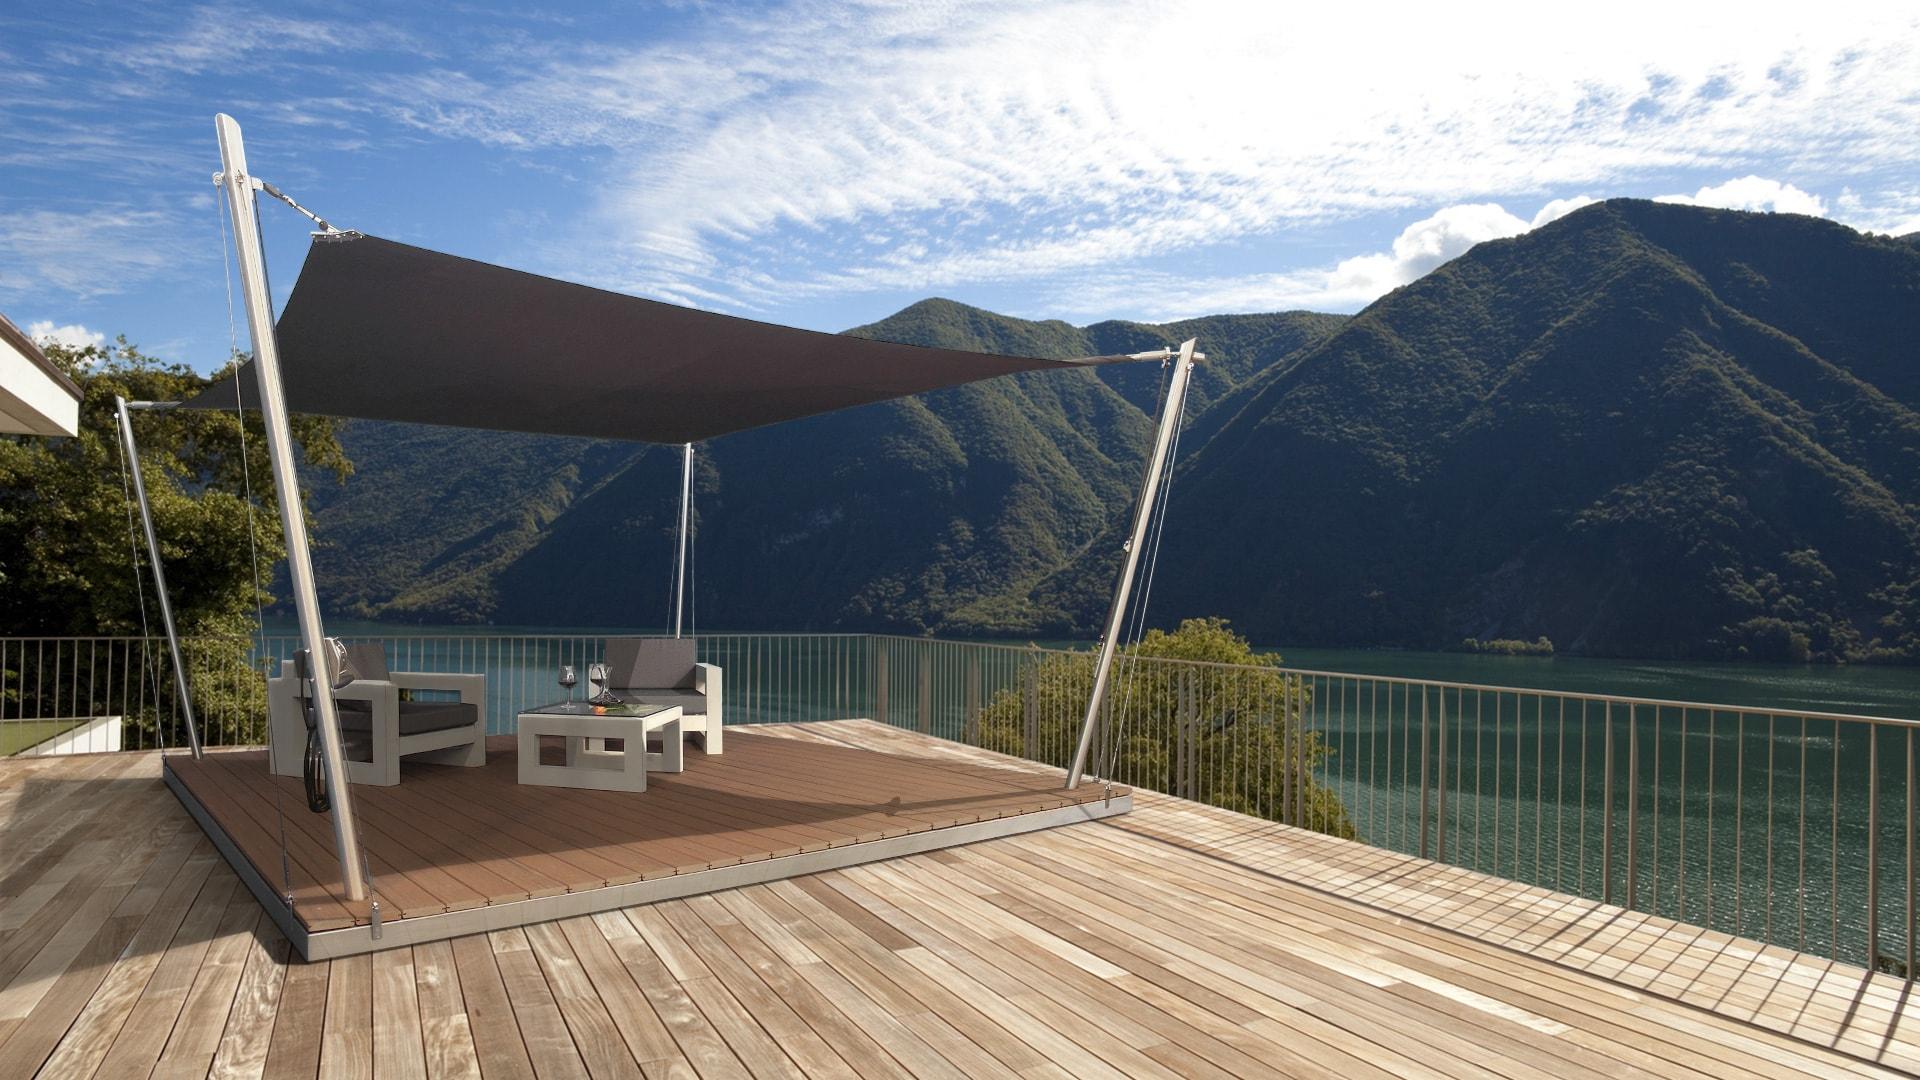 Eine Sonnensegel-Lounge auf einer Dachterrasse.